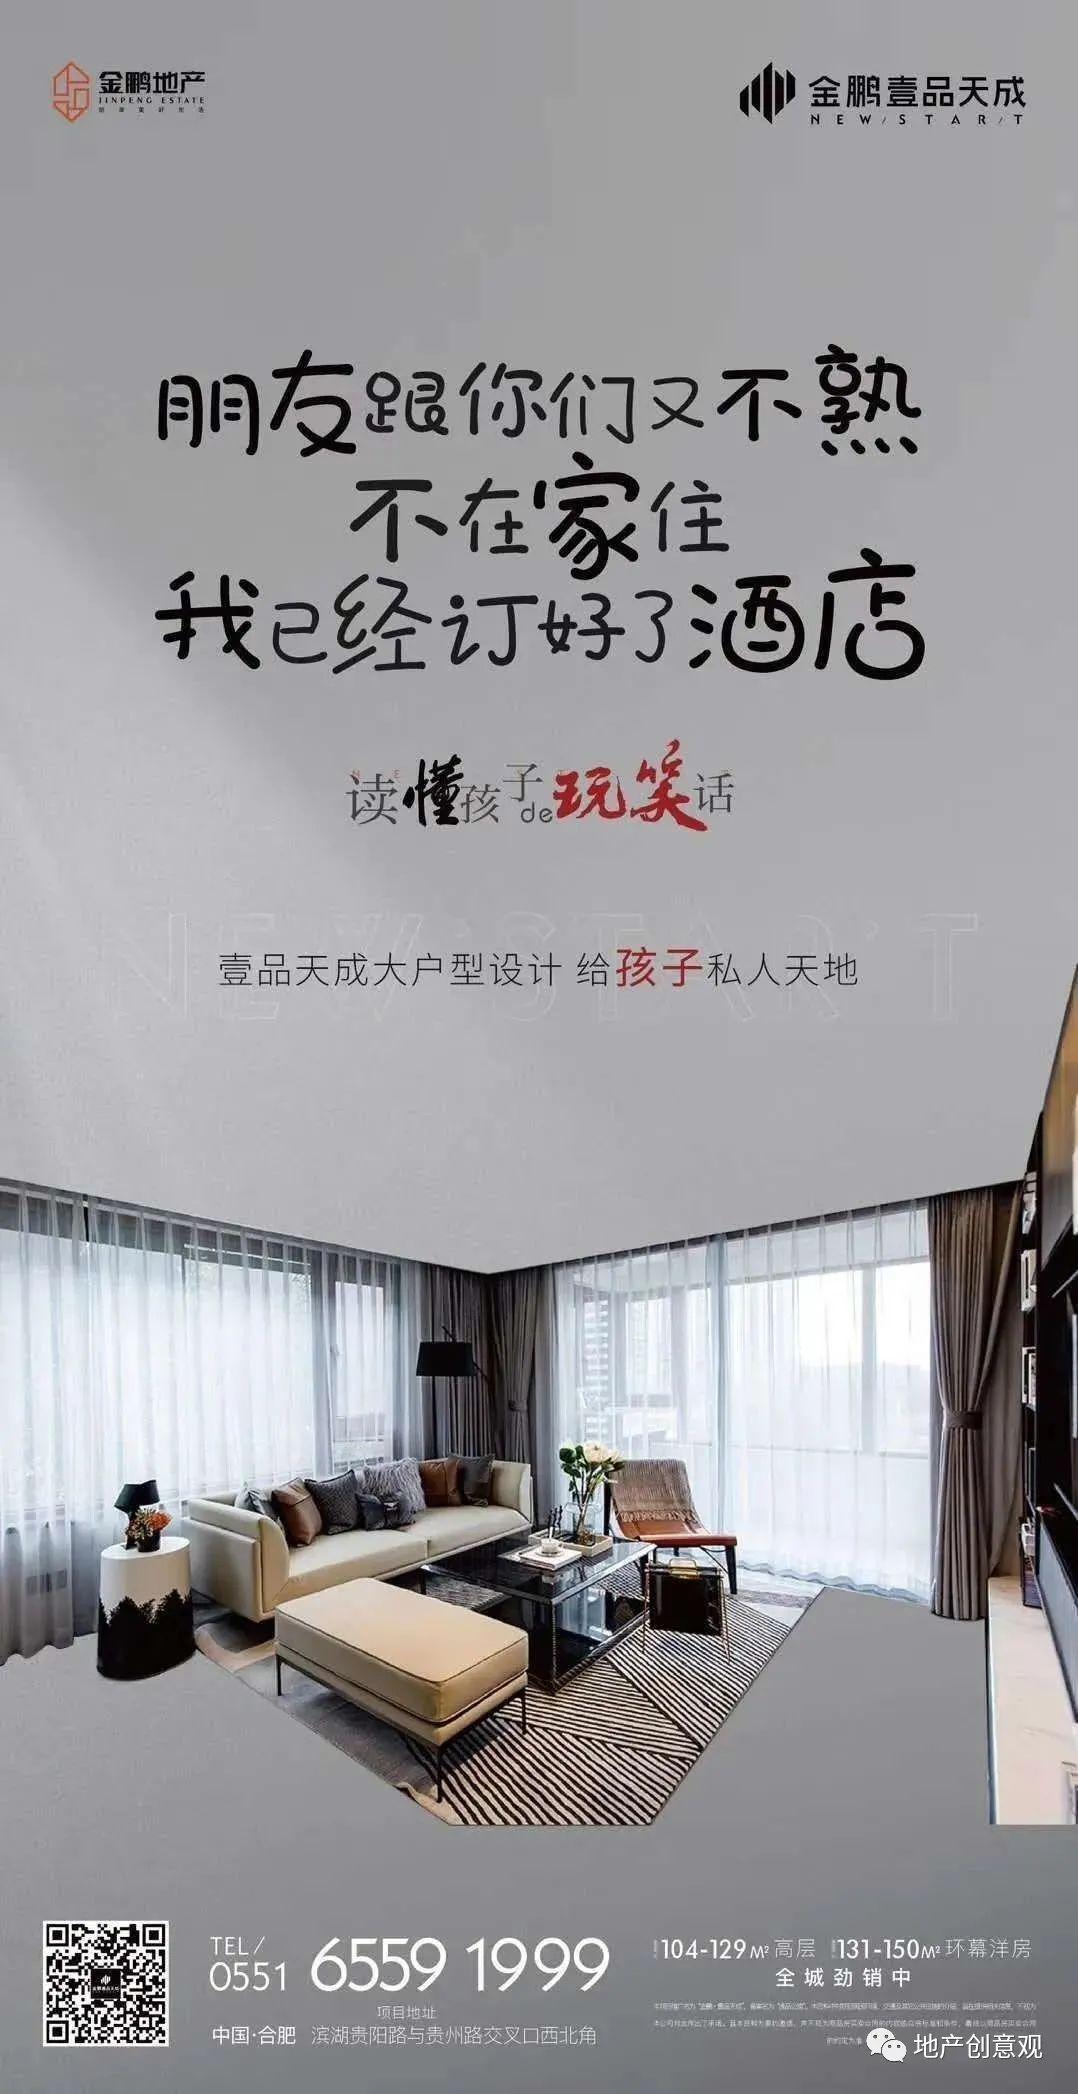 地产广告丨2021愚人节借势海报文案欣赏~插图219